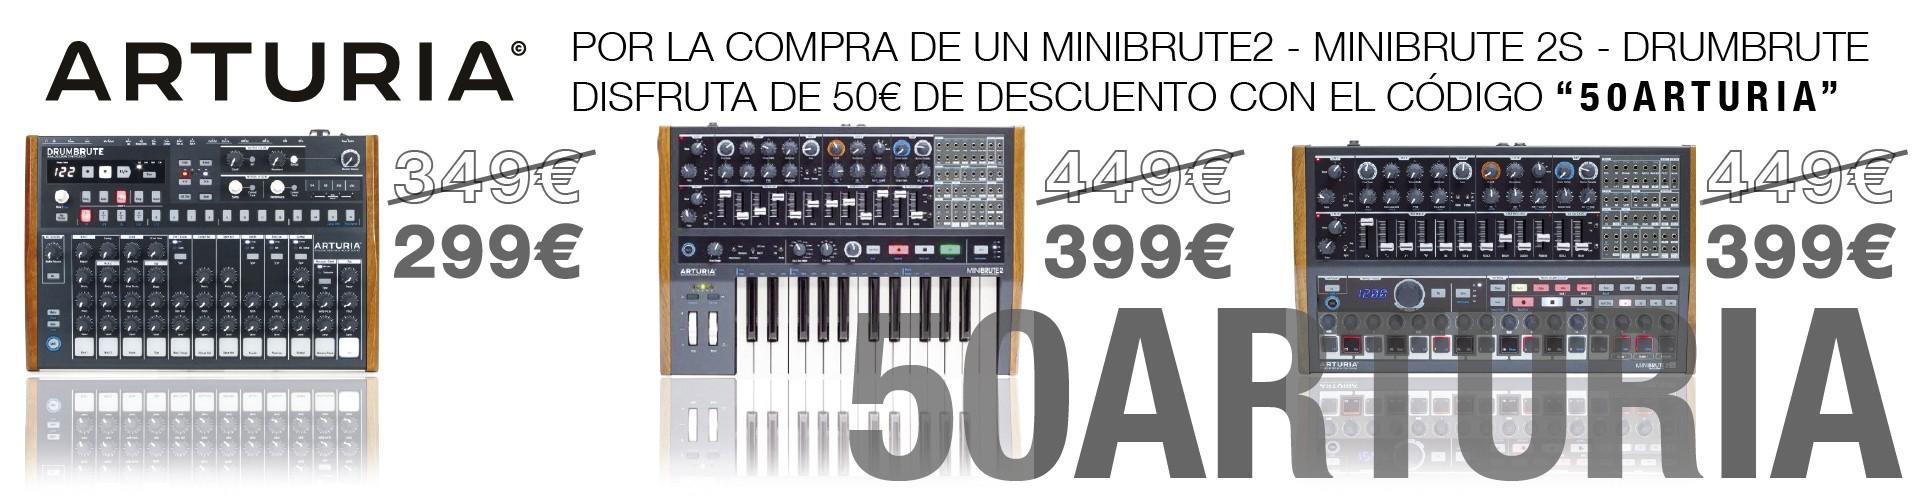 50€ Dto con el código 50ARTURIA por la compra de MINIBRUTE2 - MINIBRUTE2S - DRUMBRUTE